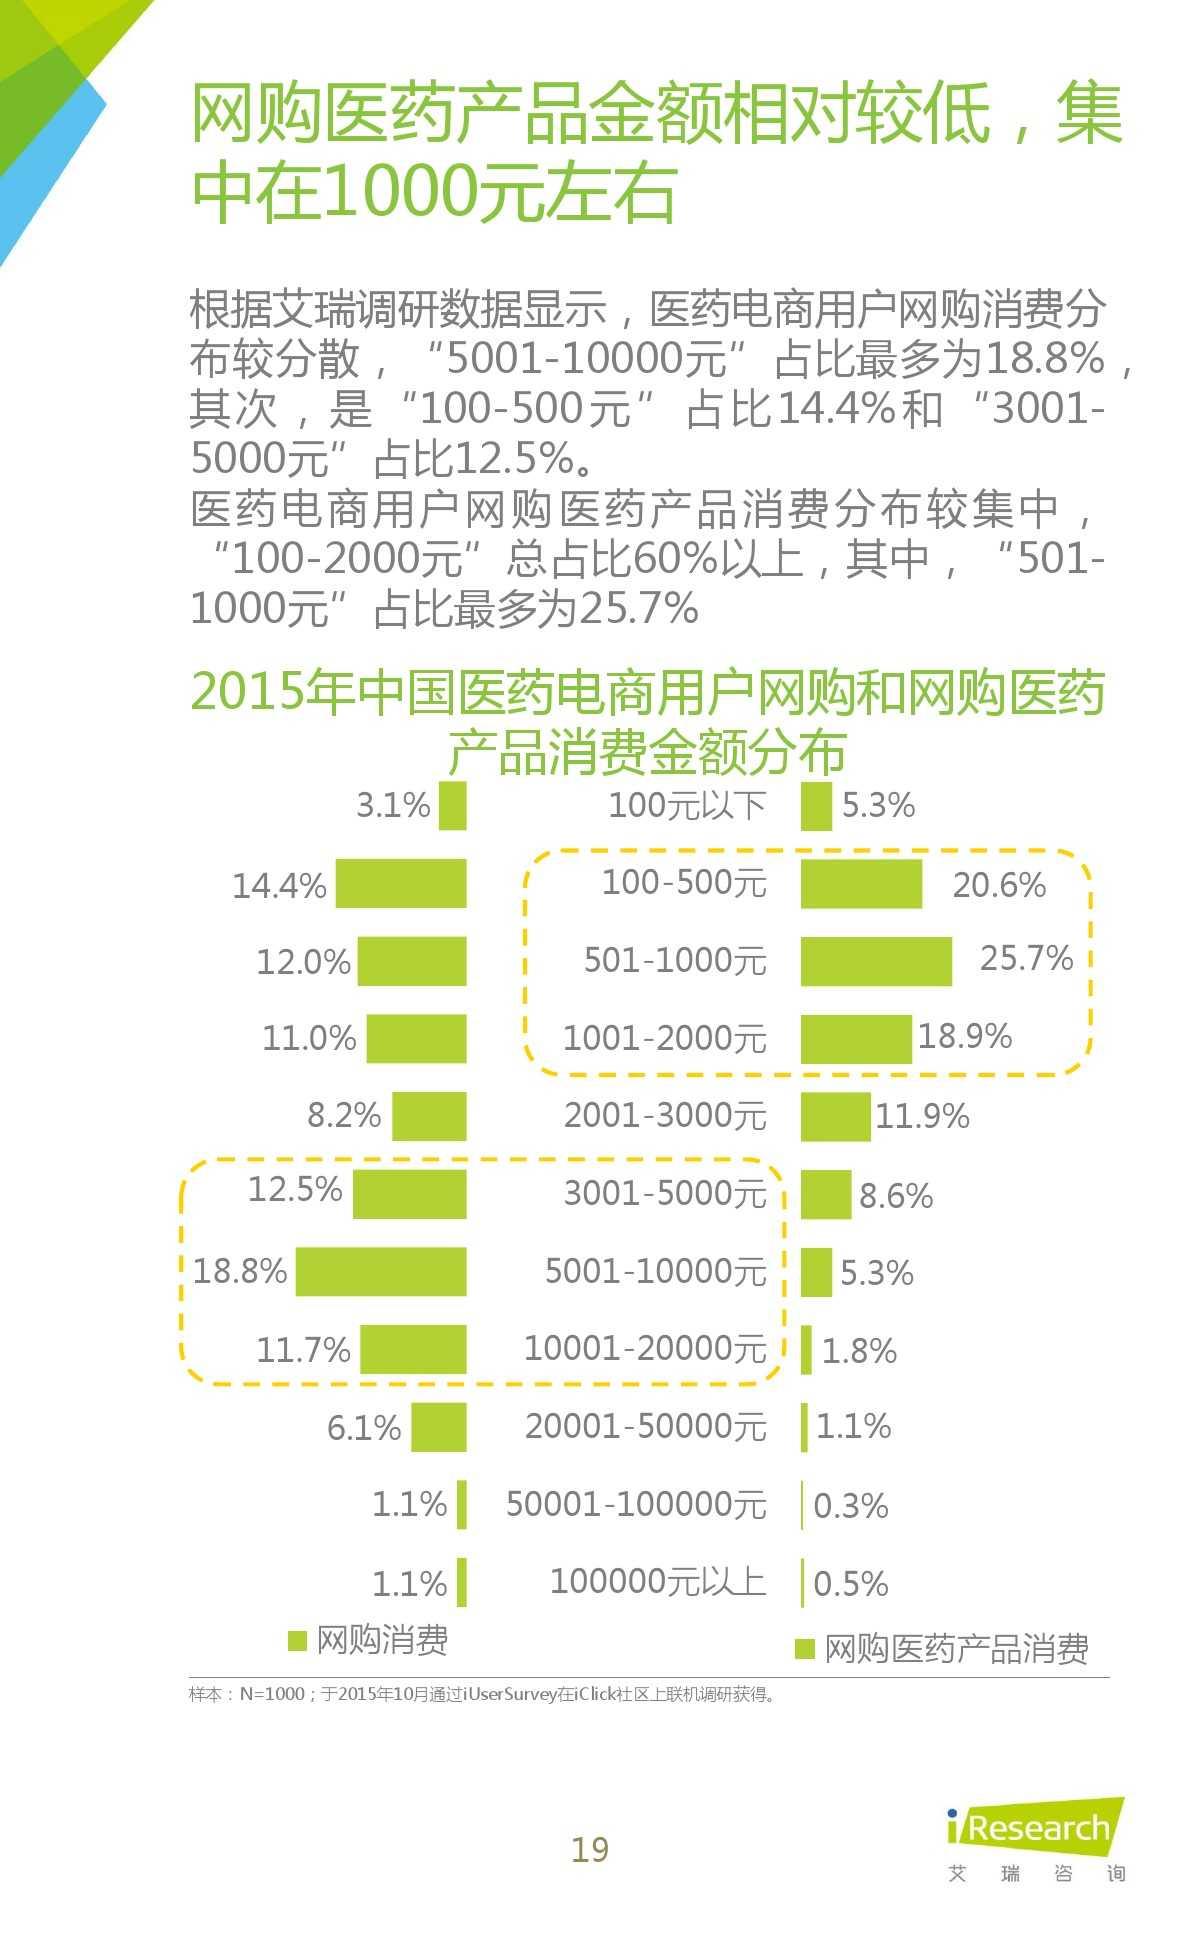 2015年中国医药电商用户行为研究报告_000019